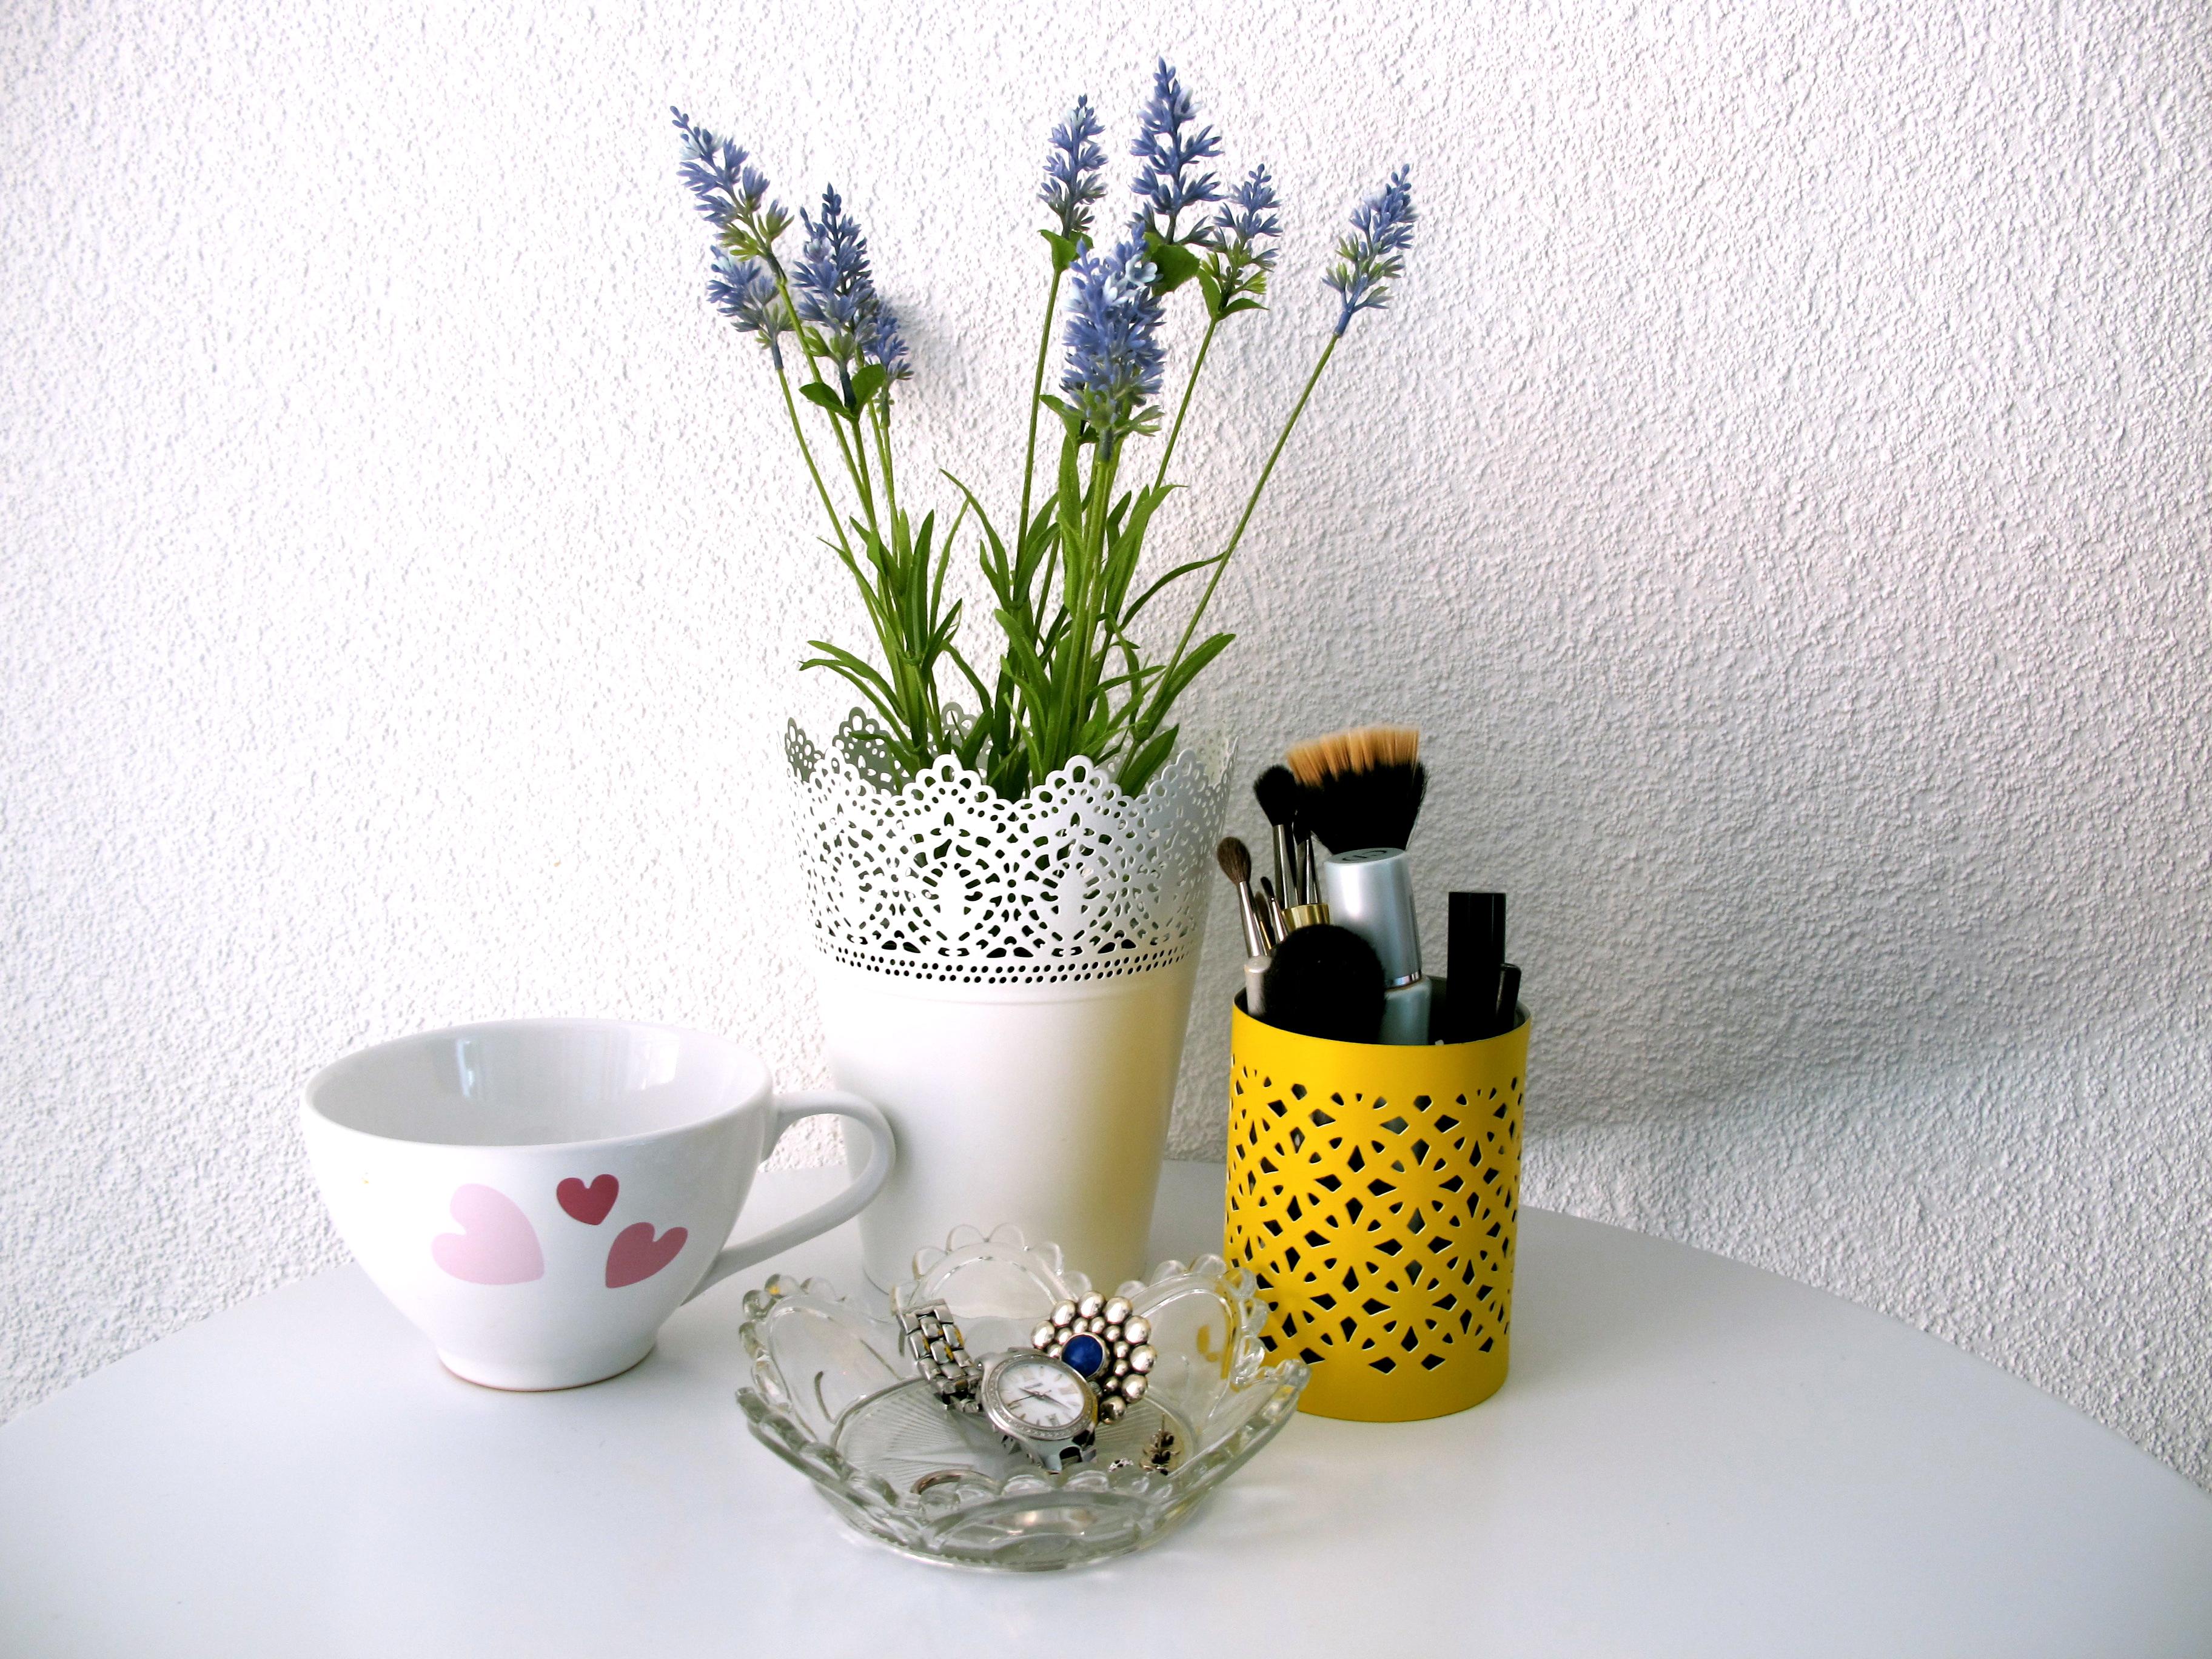 des coeurs de la dentelle et des fleurs maysurlalune. Black Bedroom Furniture Sets. Home Design Ideas